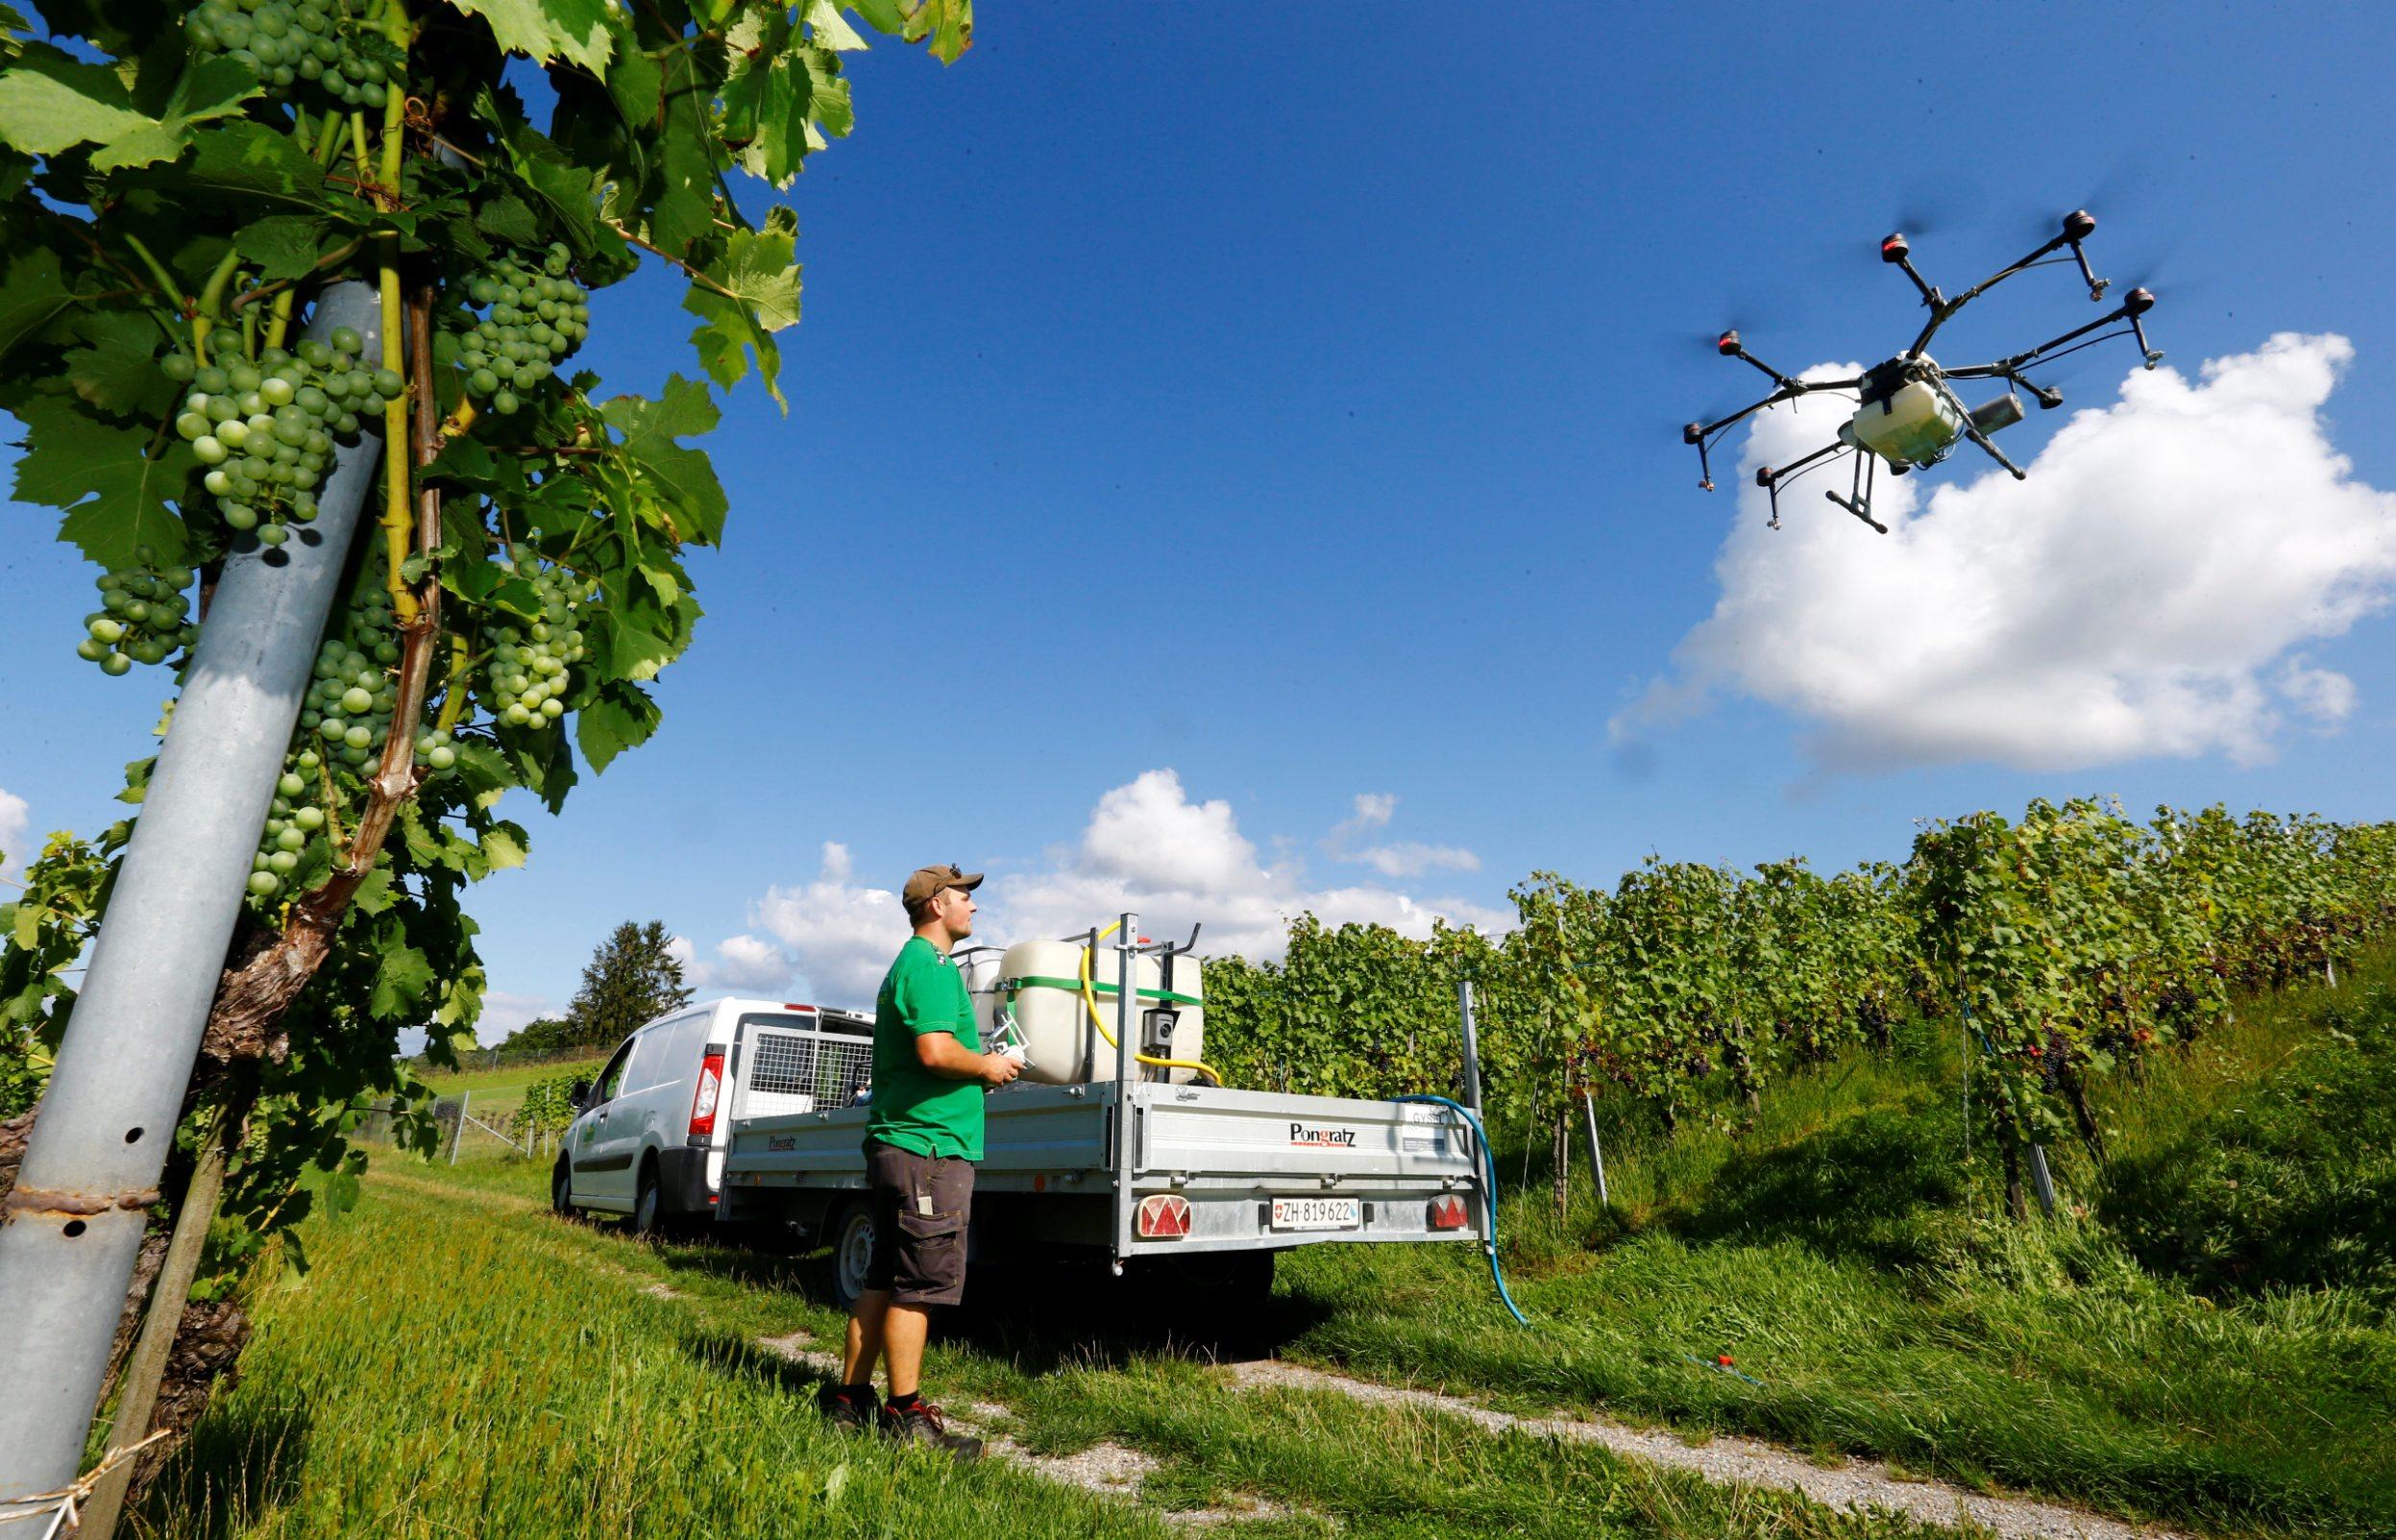 Satelitske snimke i dronovi mogu isporučiti detaljna opažanja na terenu te otkriti stresne čimbenike koji ugrožavaju biljke puno prije nego postanu vidljivi ljudskom oku